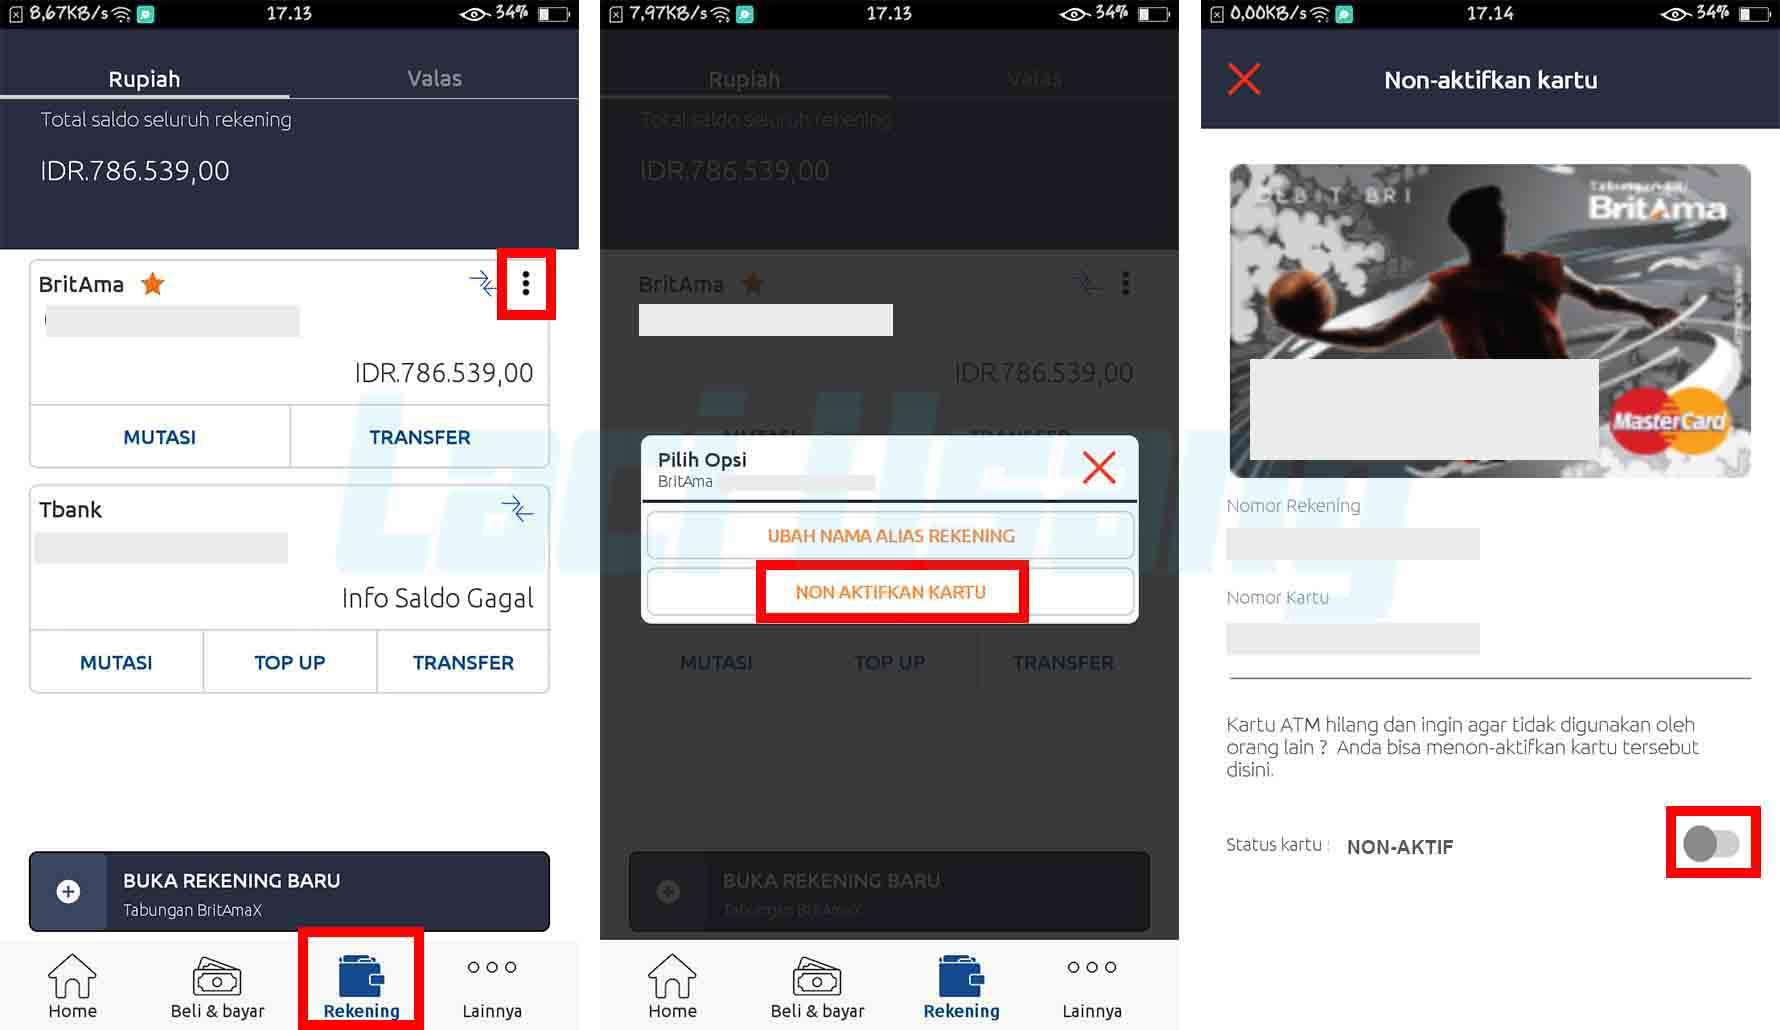 Cara Mengatasi Kartu ATM BRI Disable di Aplikasi